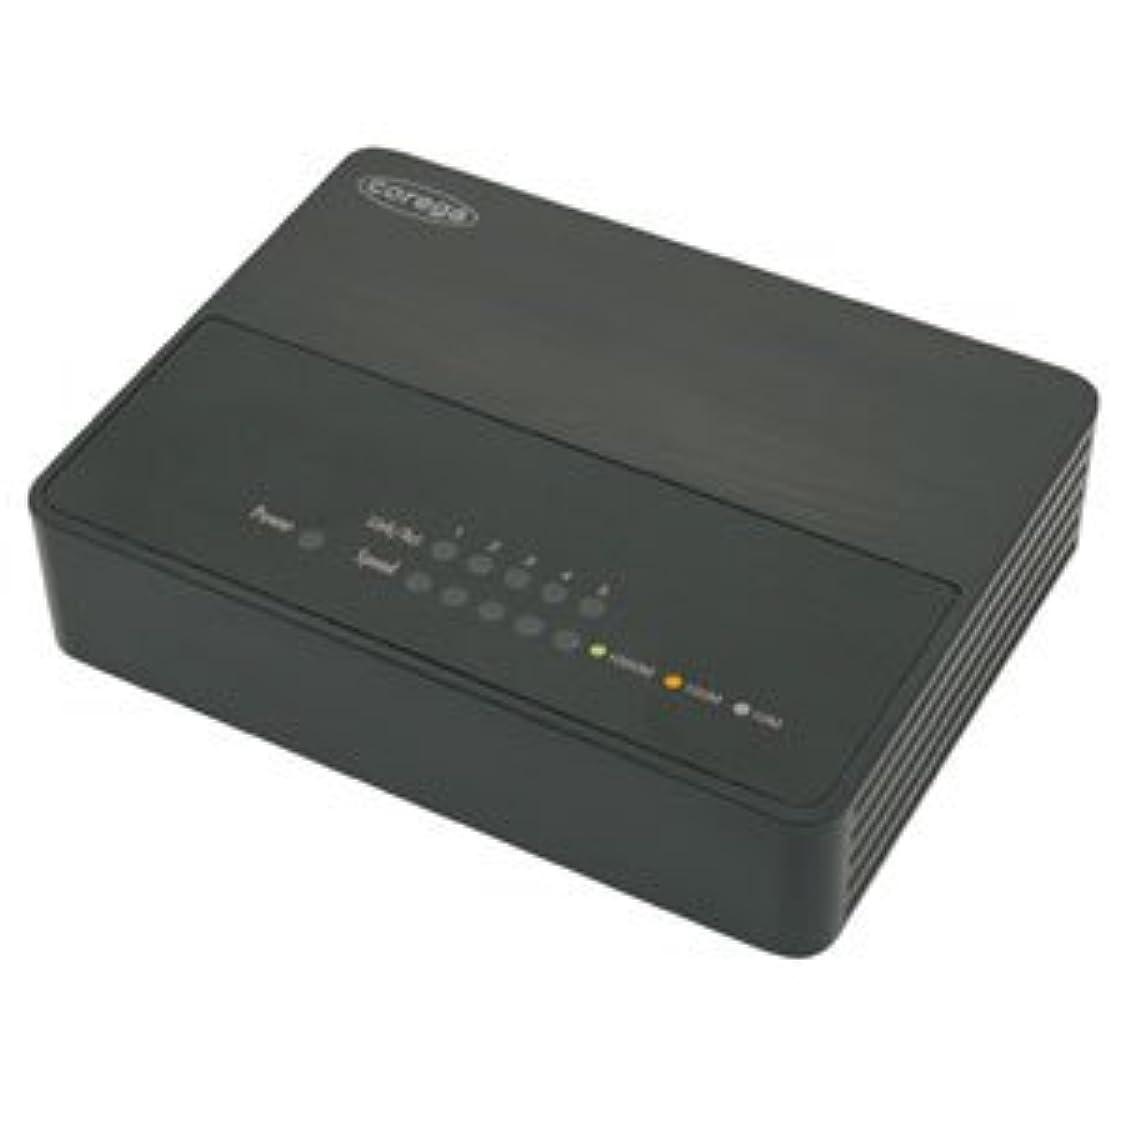 モジュール腰お気に入りコレガ(アライドテレシス) CGSW05GTPLXB5ポートGigaスイッチングハブしっかり節電機能JumboFrame対応ブラック CG-SW05GTPLXB